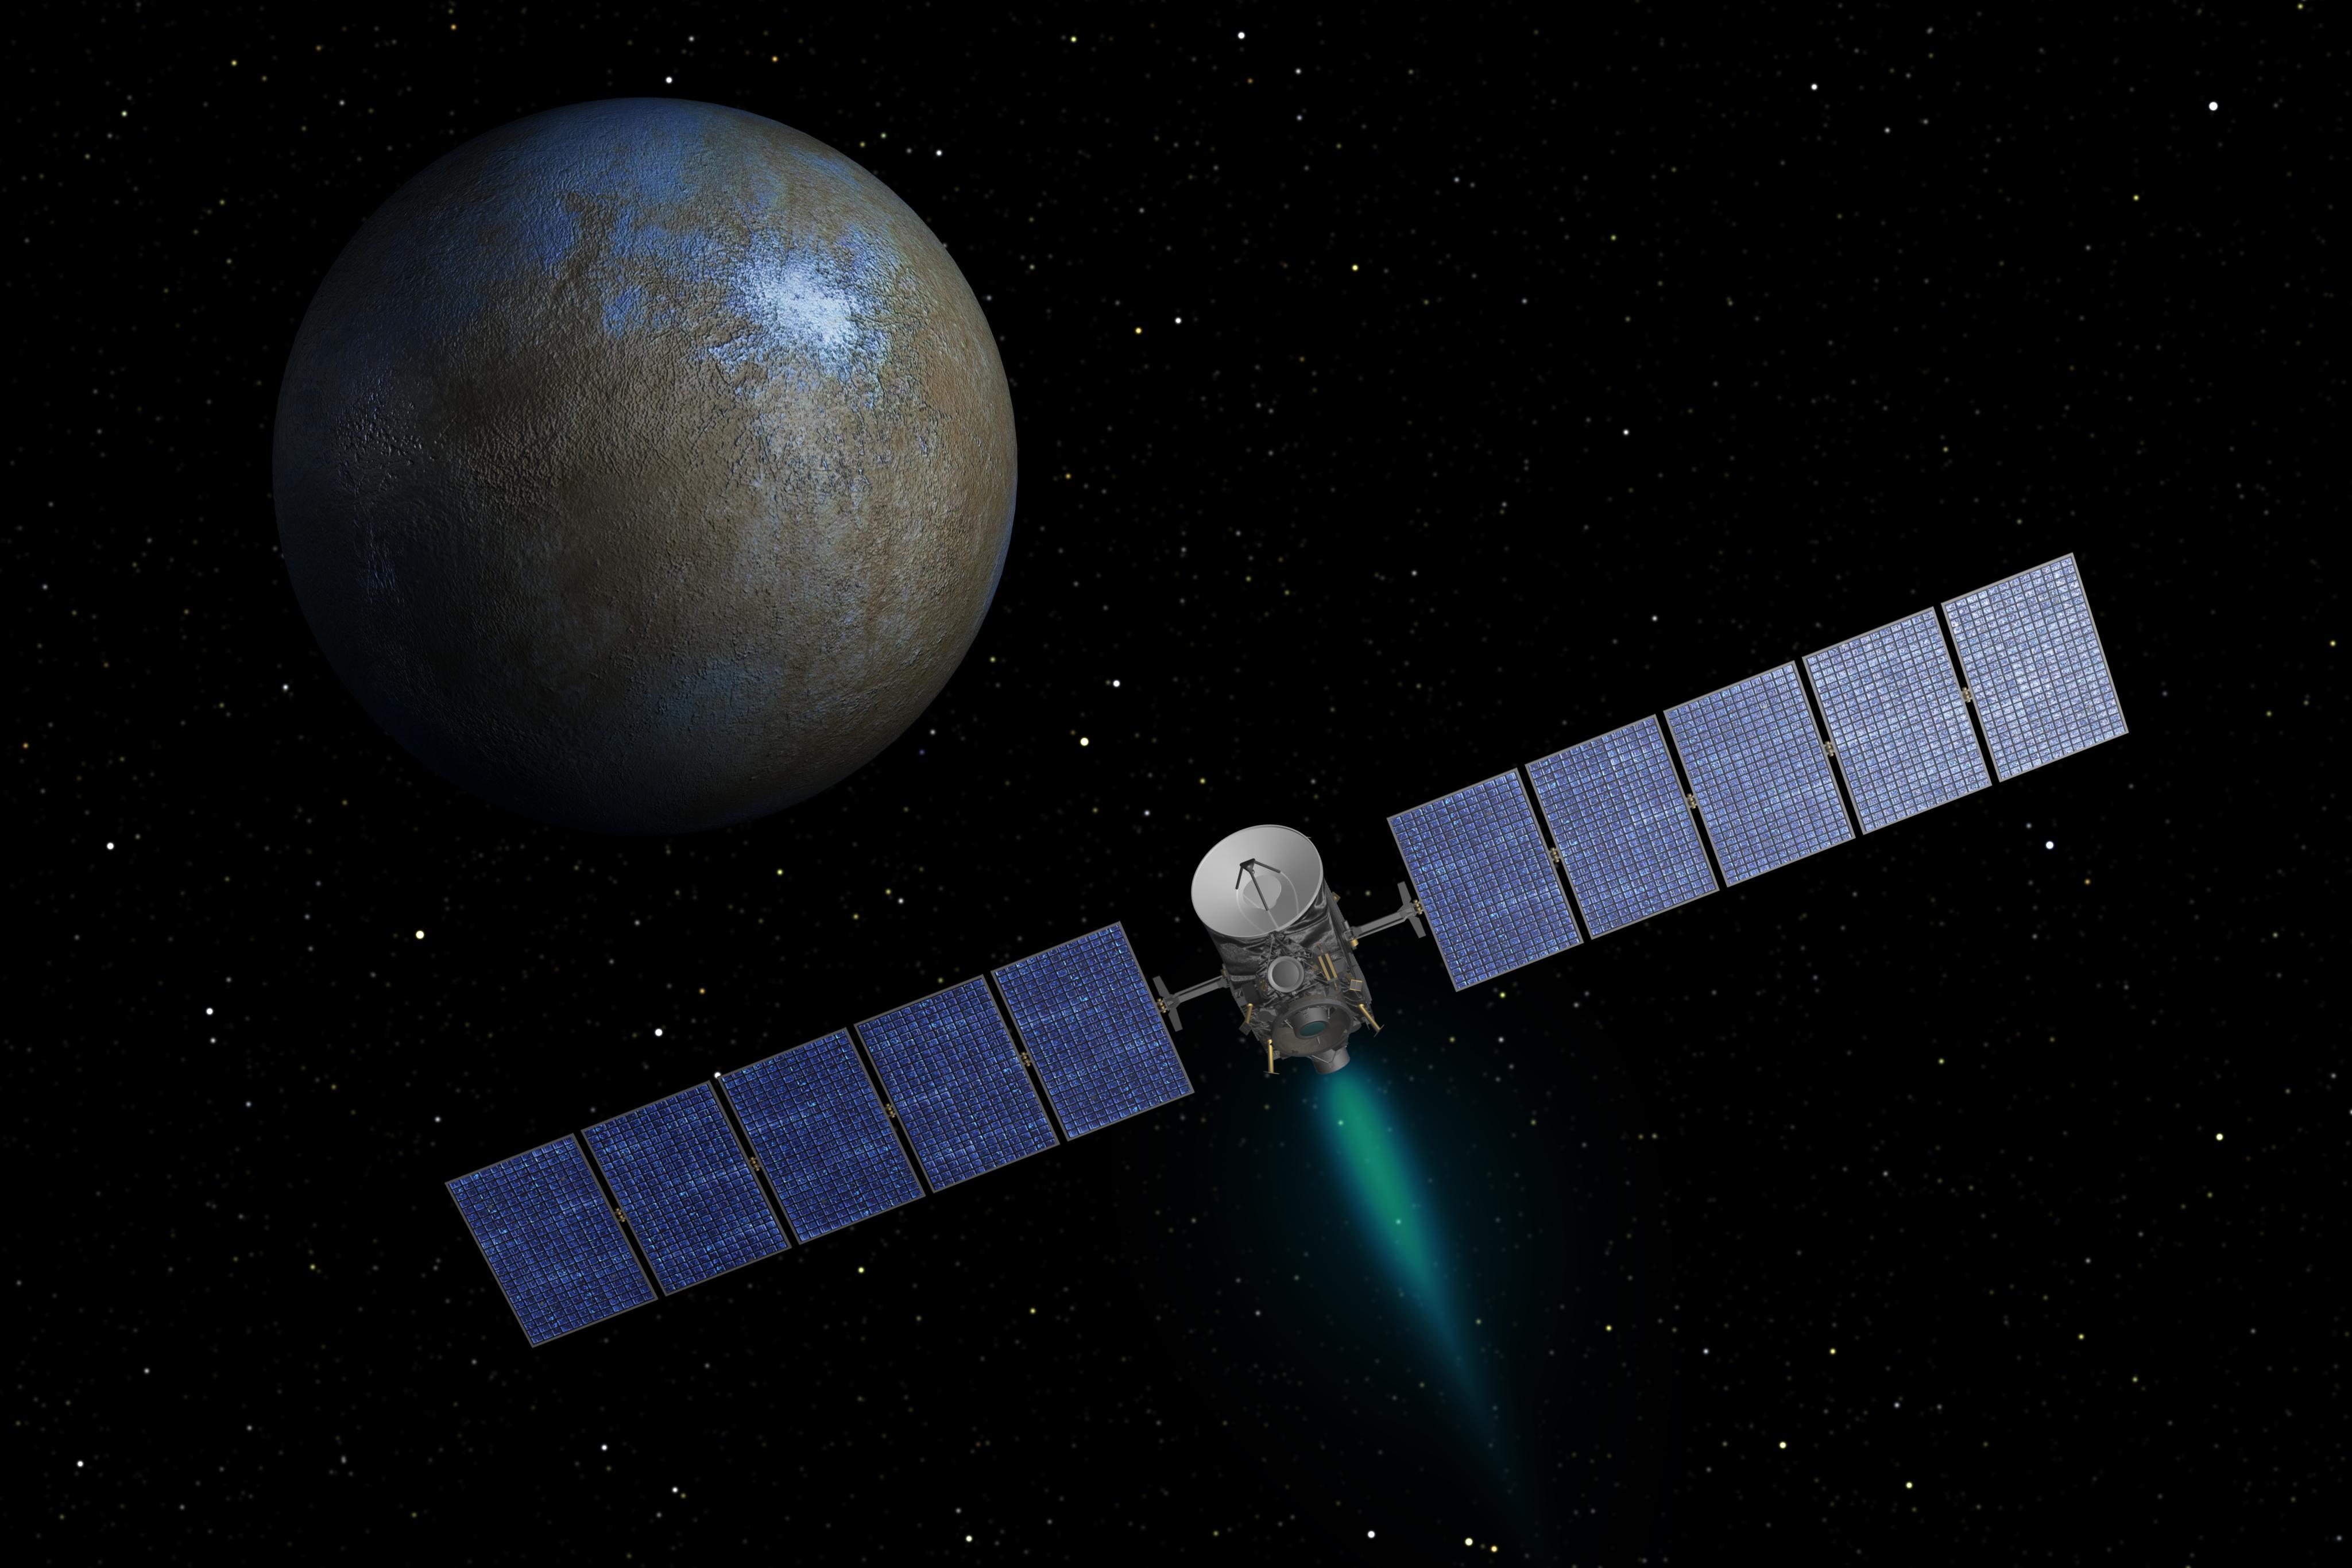 nasa concept spacecraft - photo #23